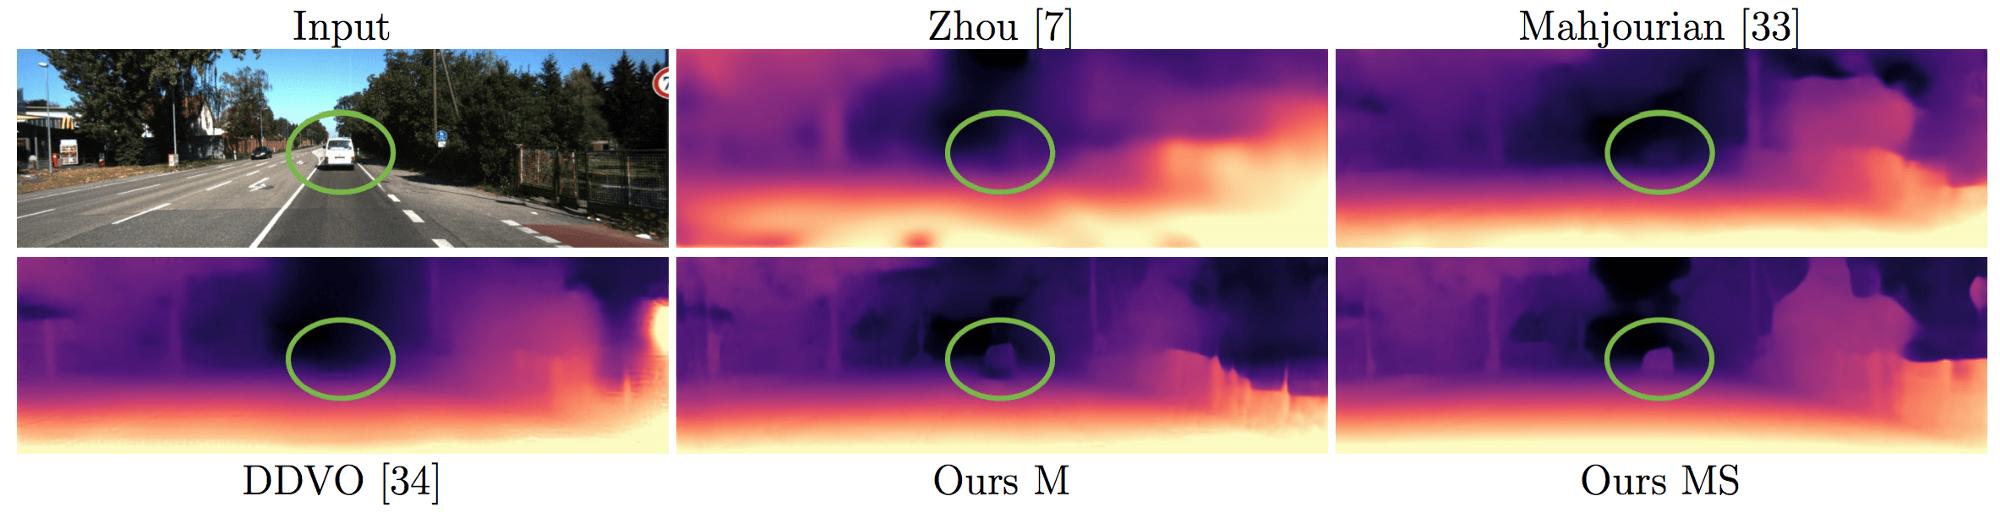 Сравнение существующих методов с предлагаемым методом (снизу справа) при оценке глубины 2D-изображения